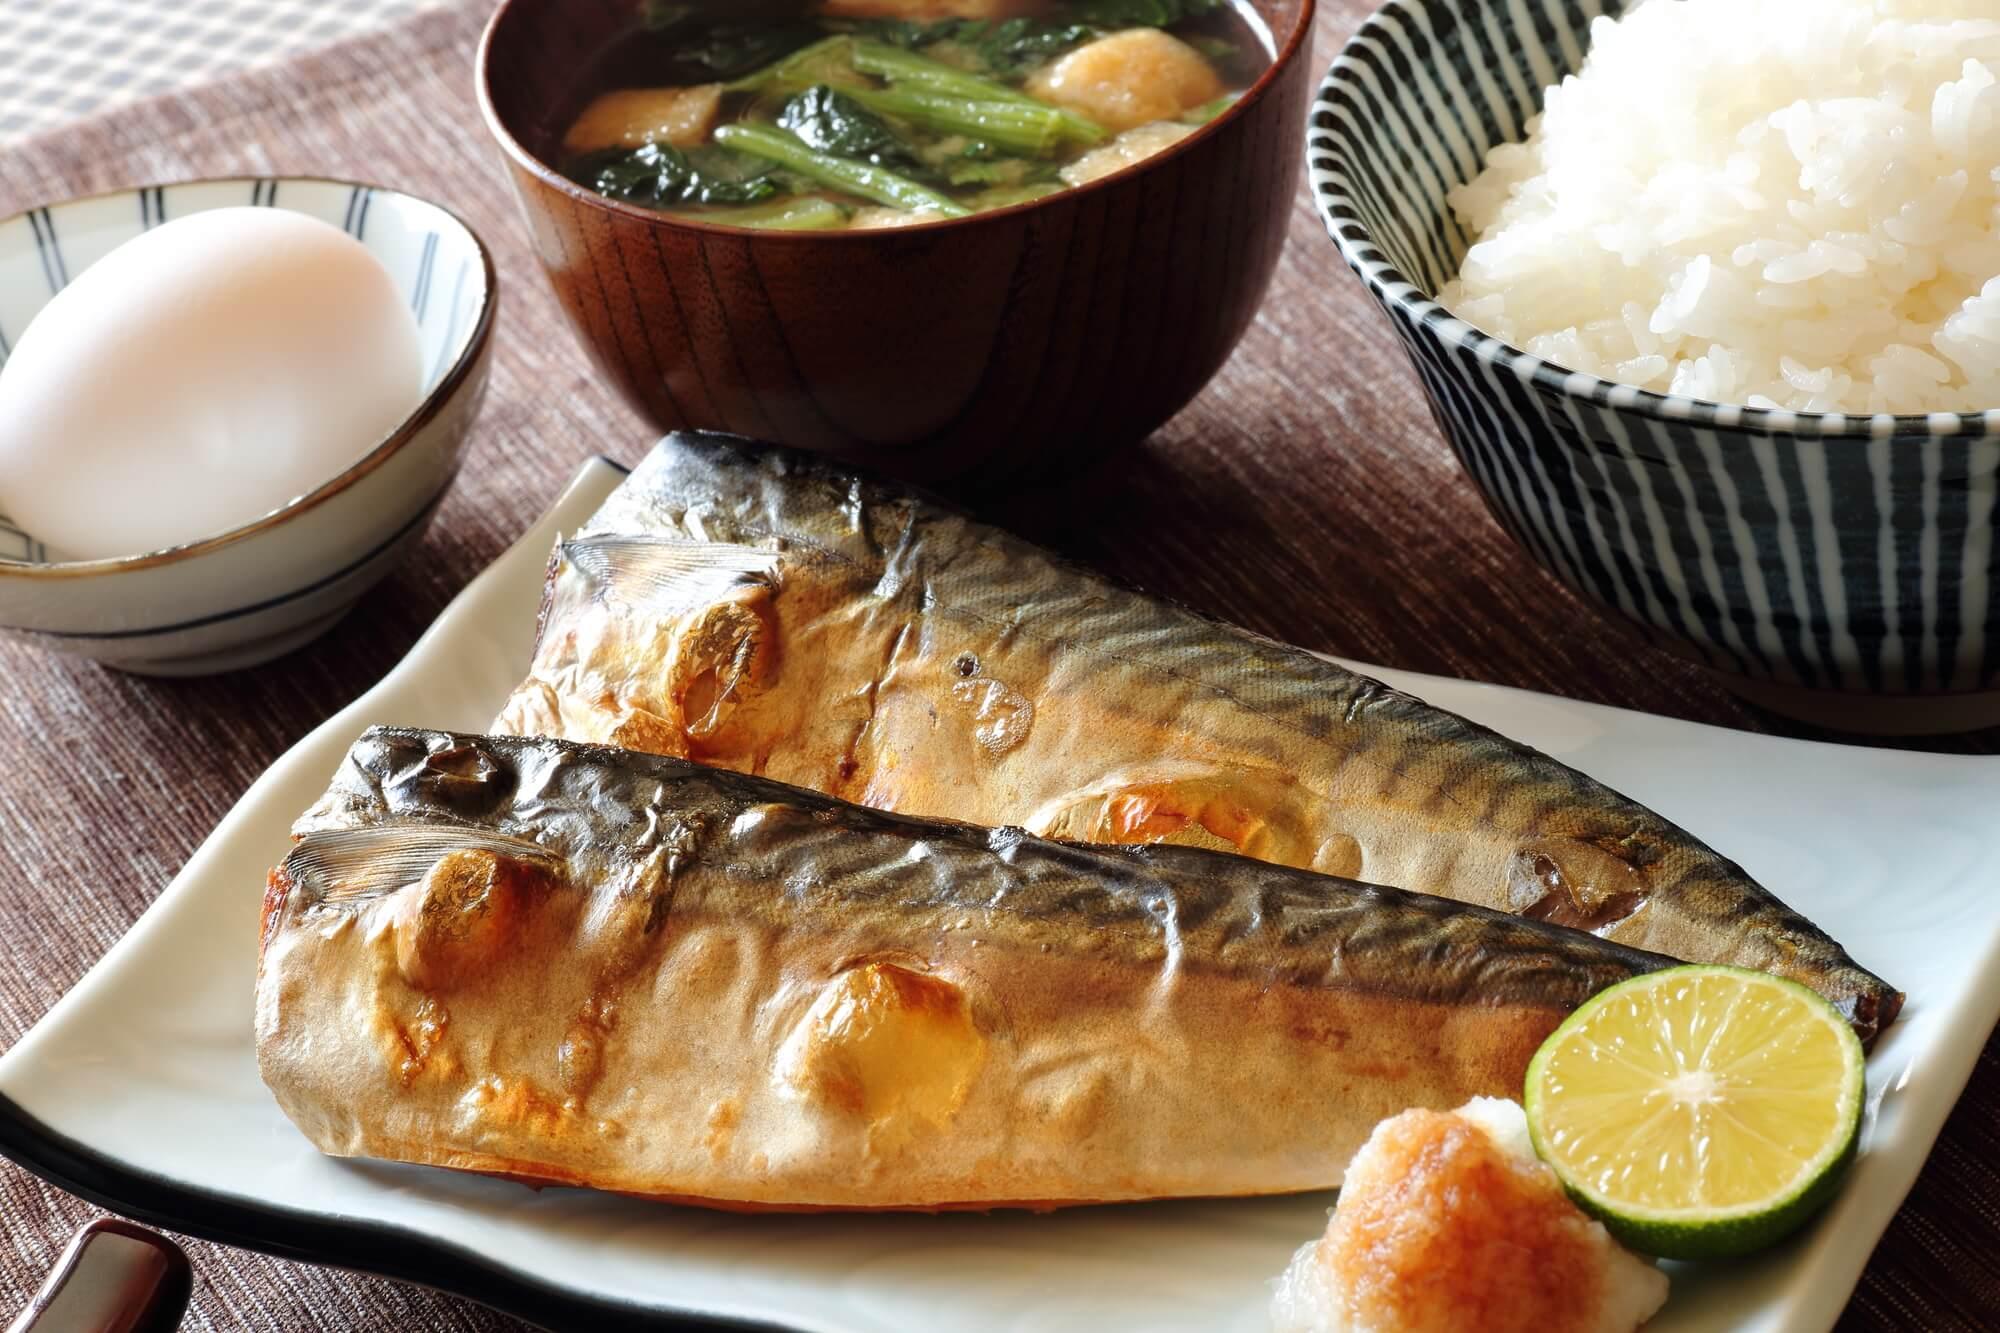 焼き魚がもっとおいしくなる!重曹を用いた魚焼きグリルの掃除方法